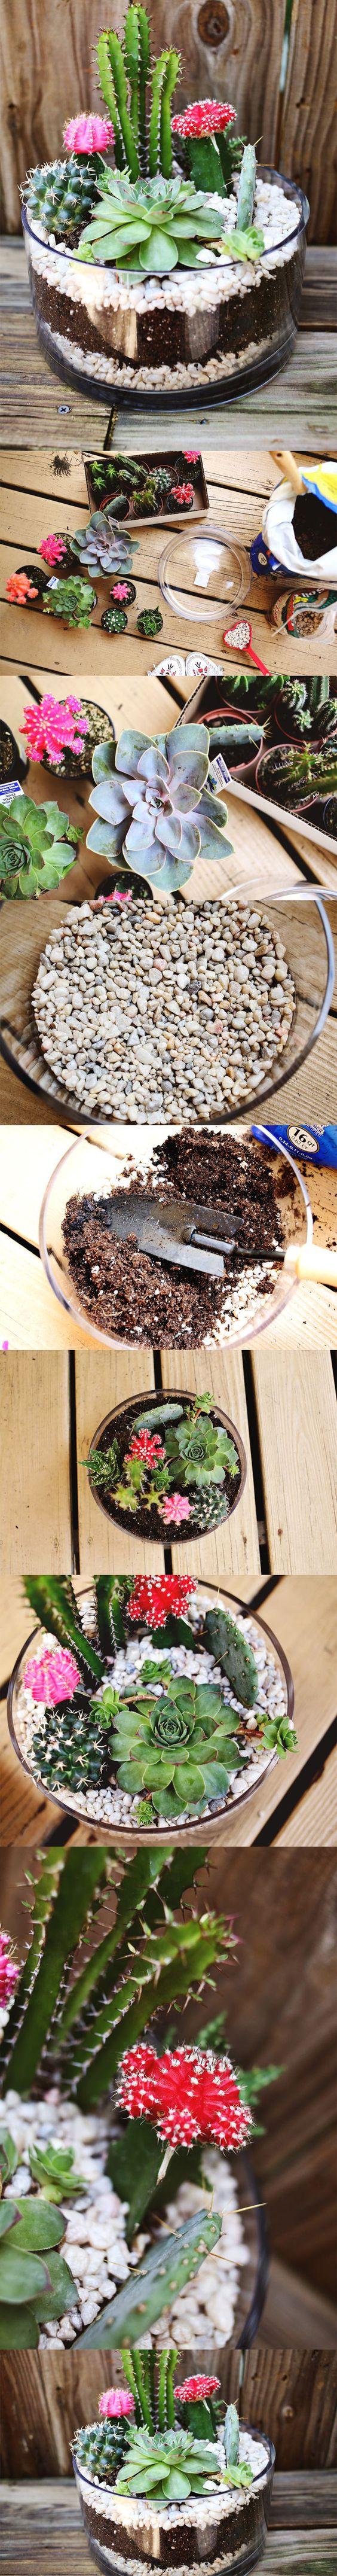 jardin-cactus-DIY-muy-ingenioso-2